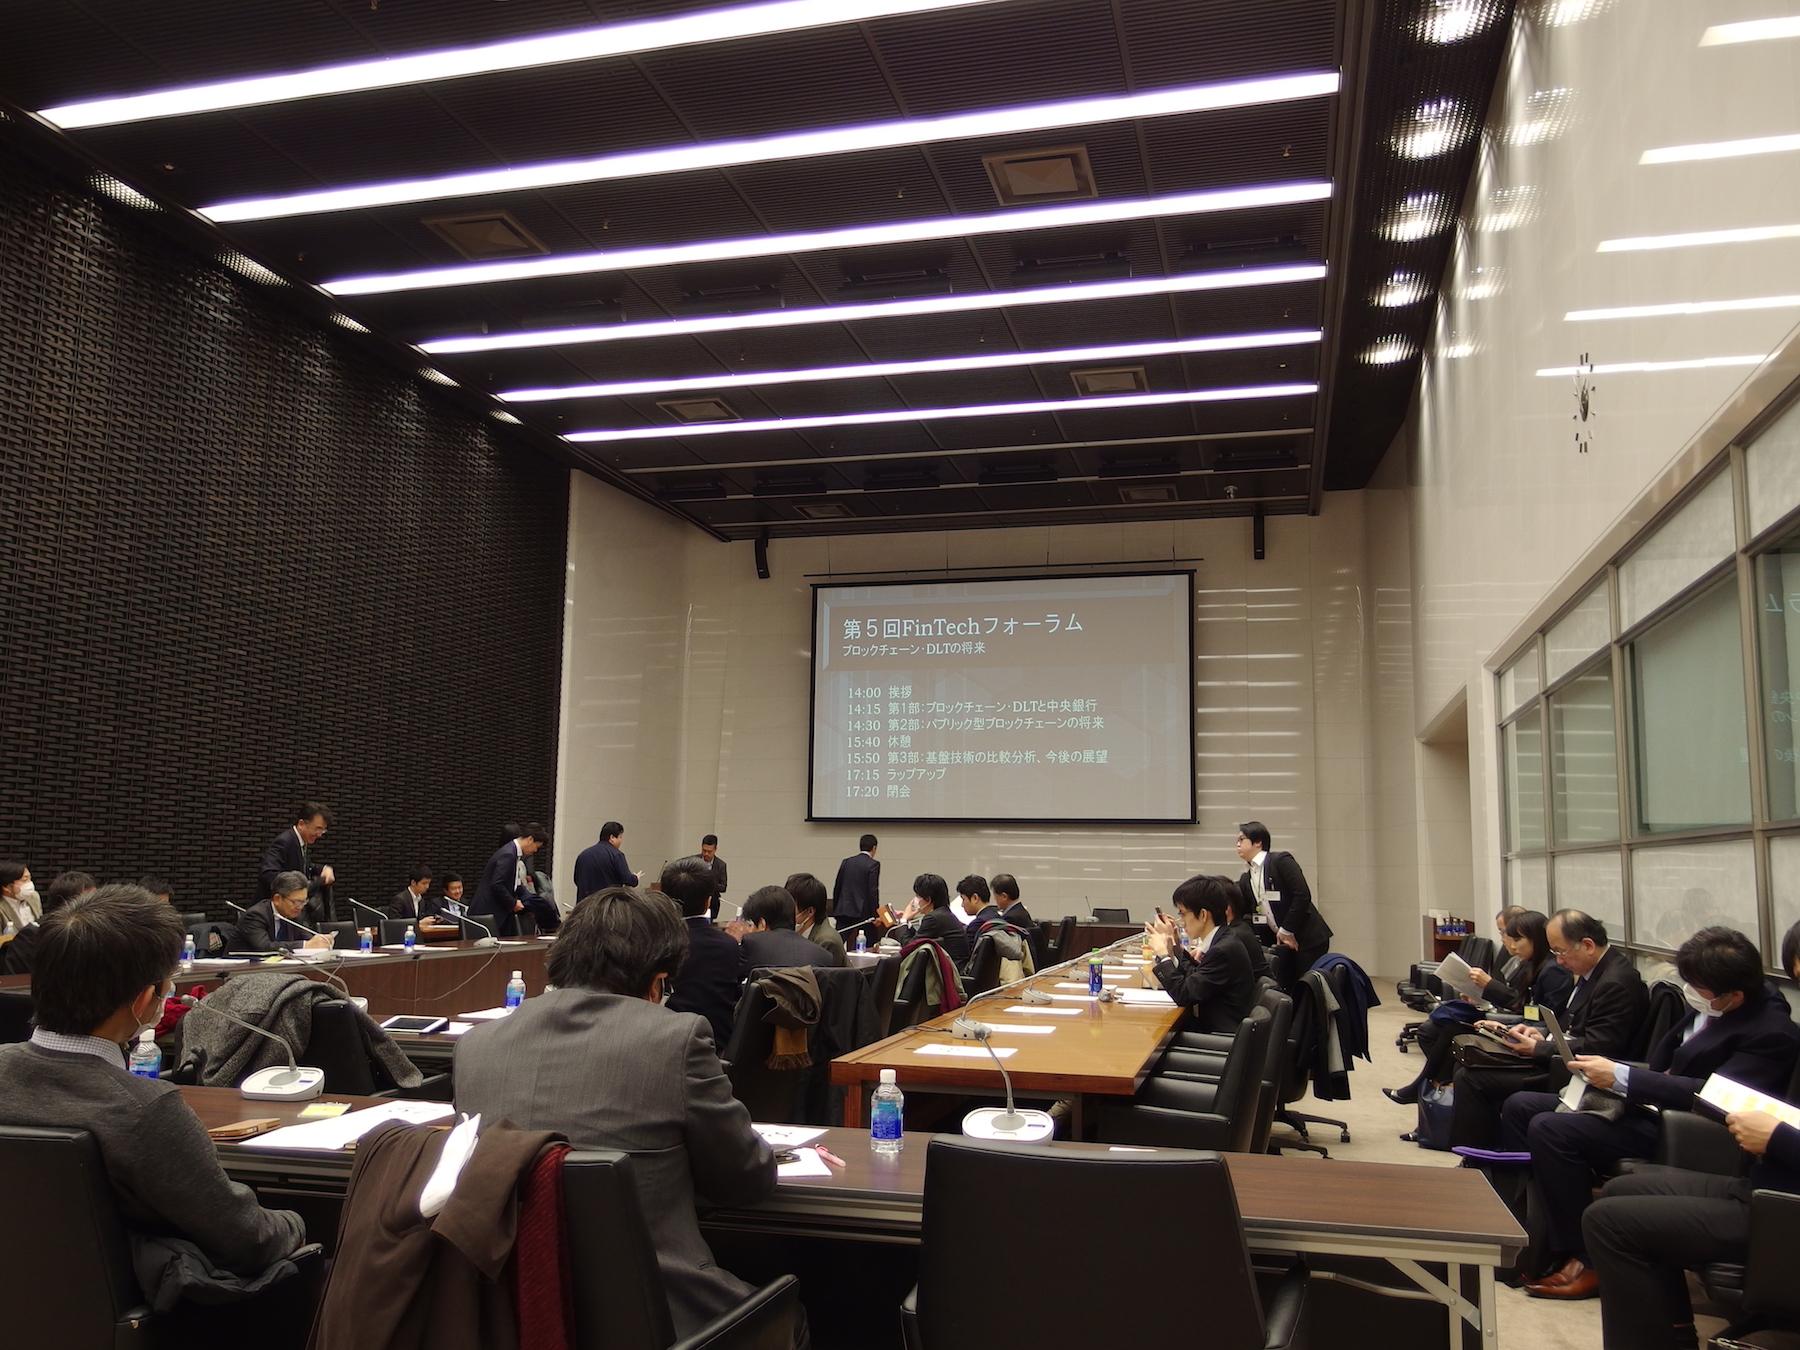 日本銀行本店内の会議室で開催された第5回FIn Techフォーラム